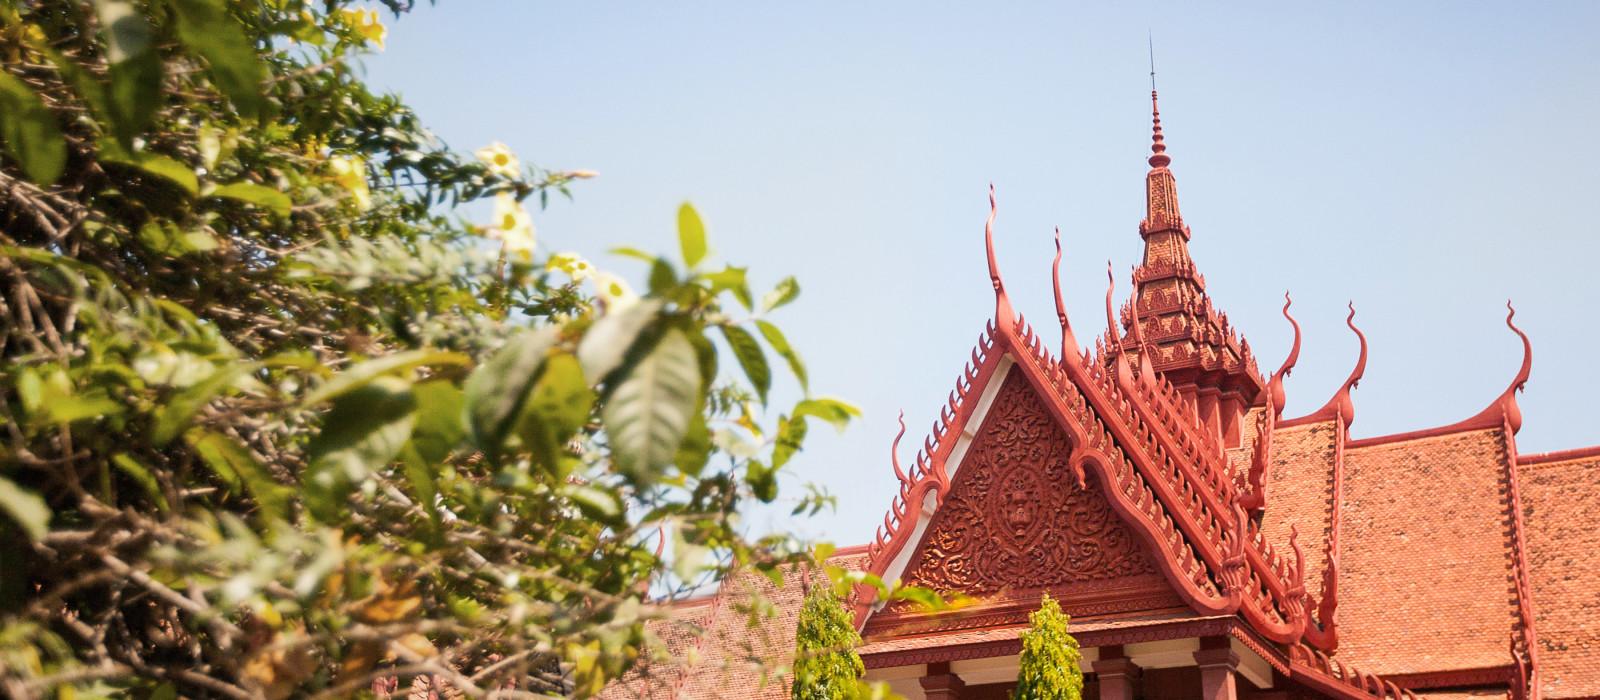 Nationalmuseum von Kambodscha (Sala Rachana) Phnom Penh, Kambodscha, Asien